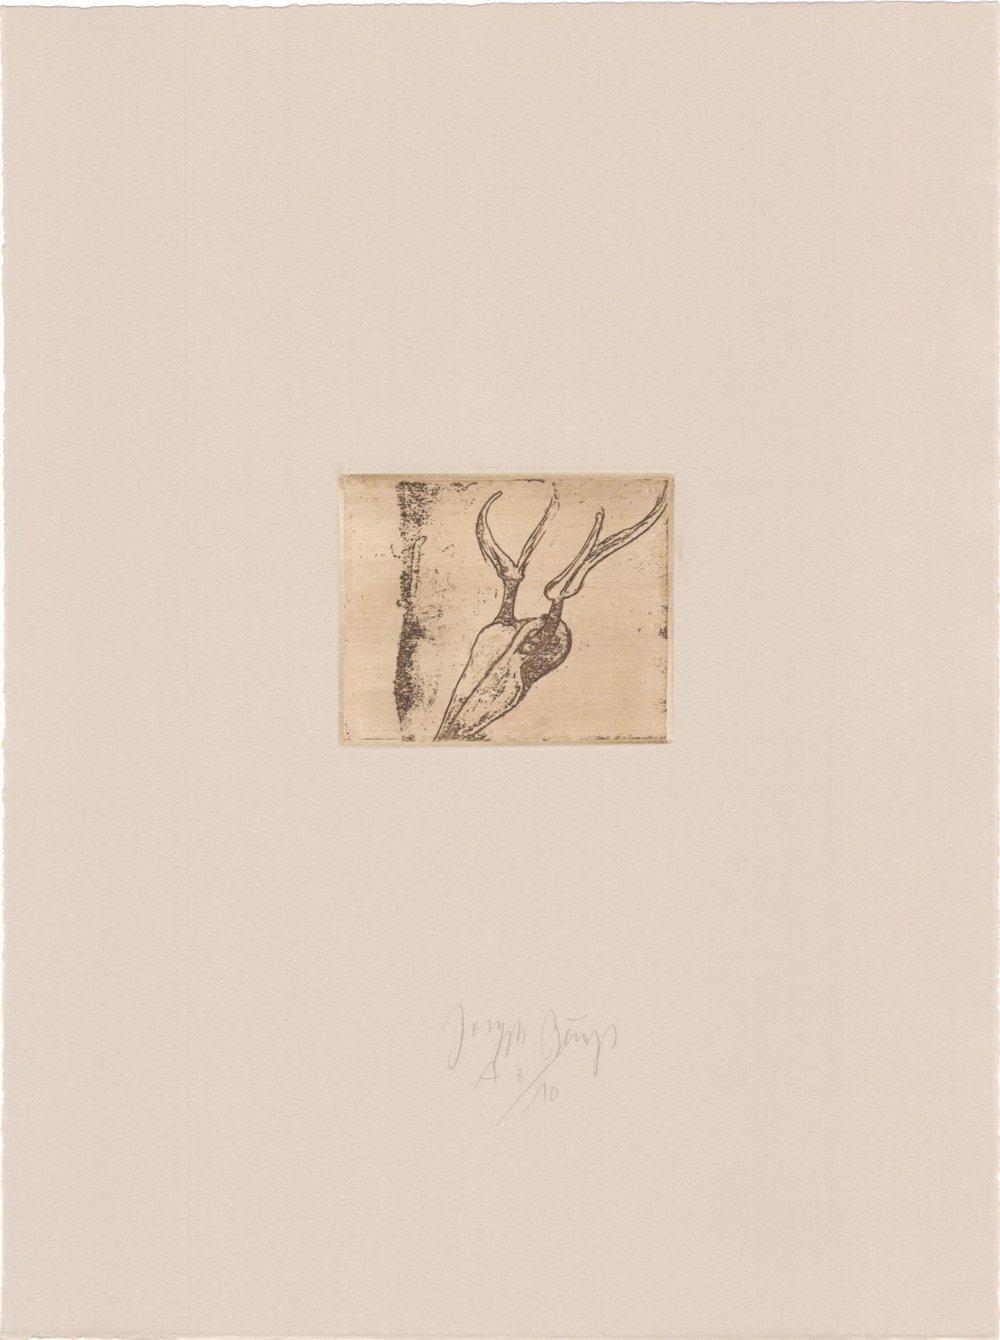 Hirschschädel - 32/75 (Normalausgabe, Radierung auf Rives gris) 1985